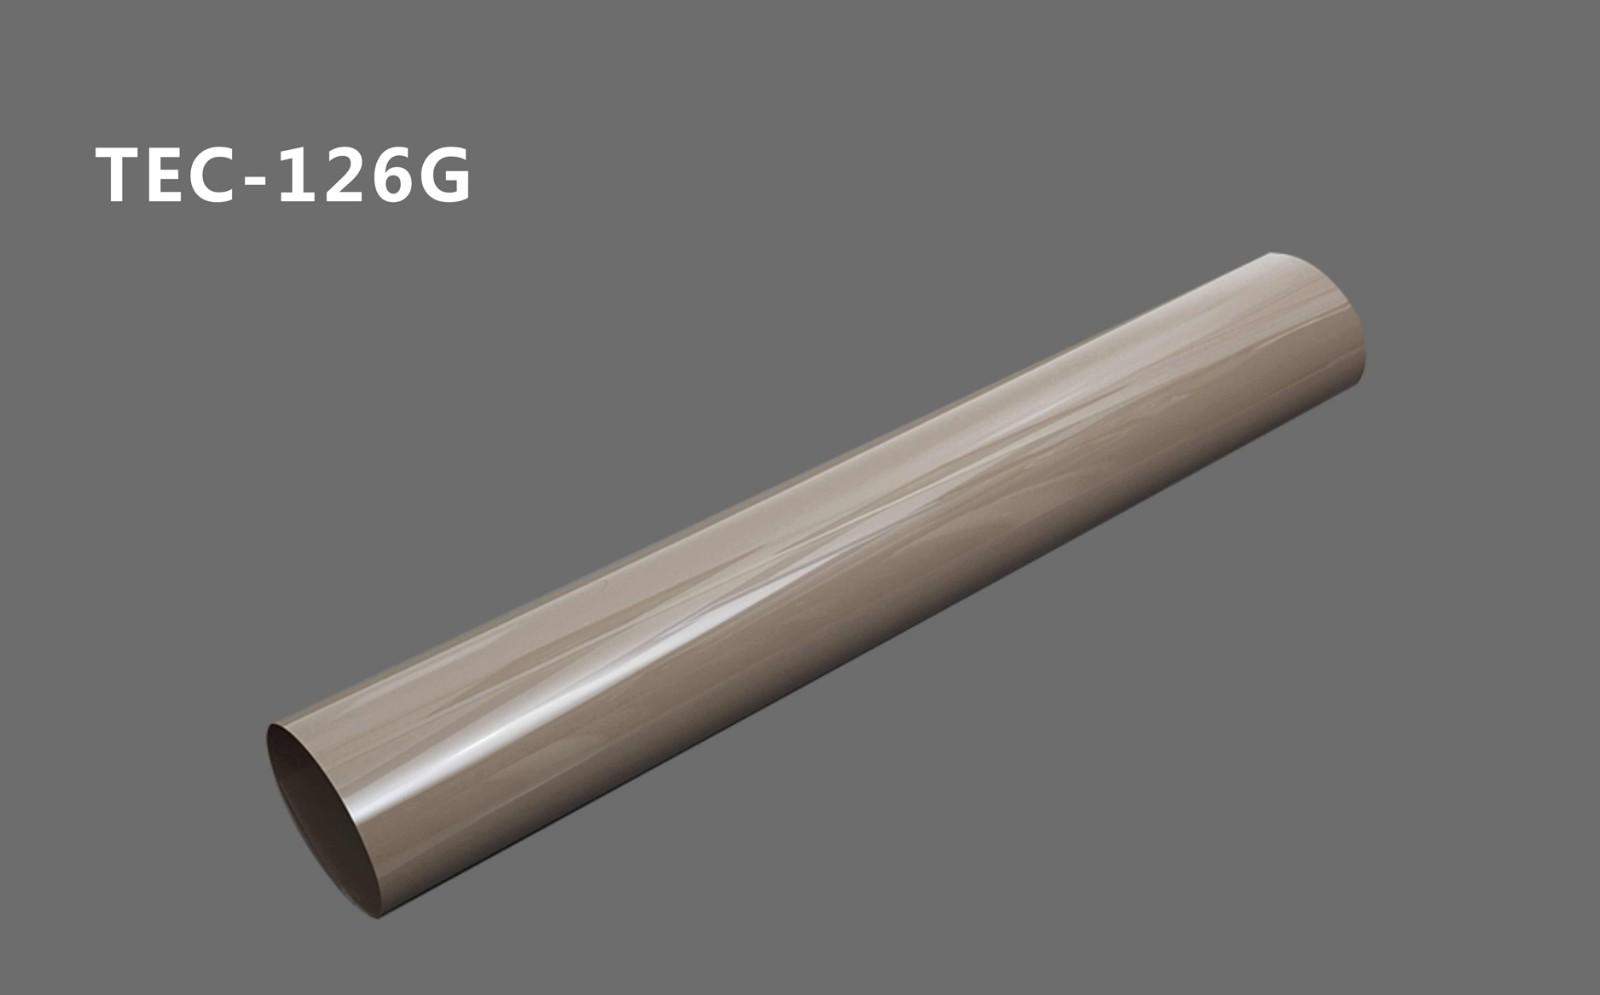 TEC-126G